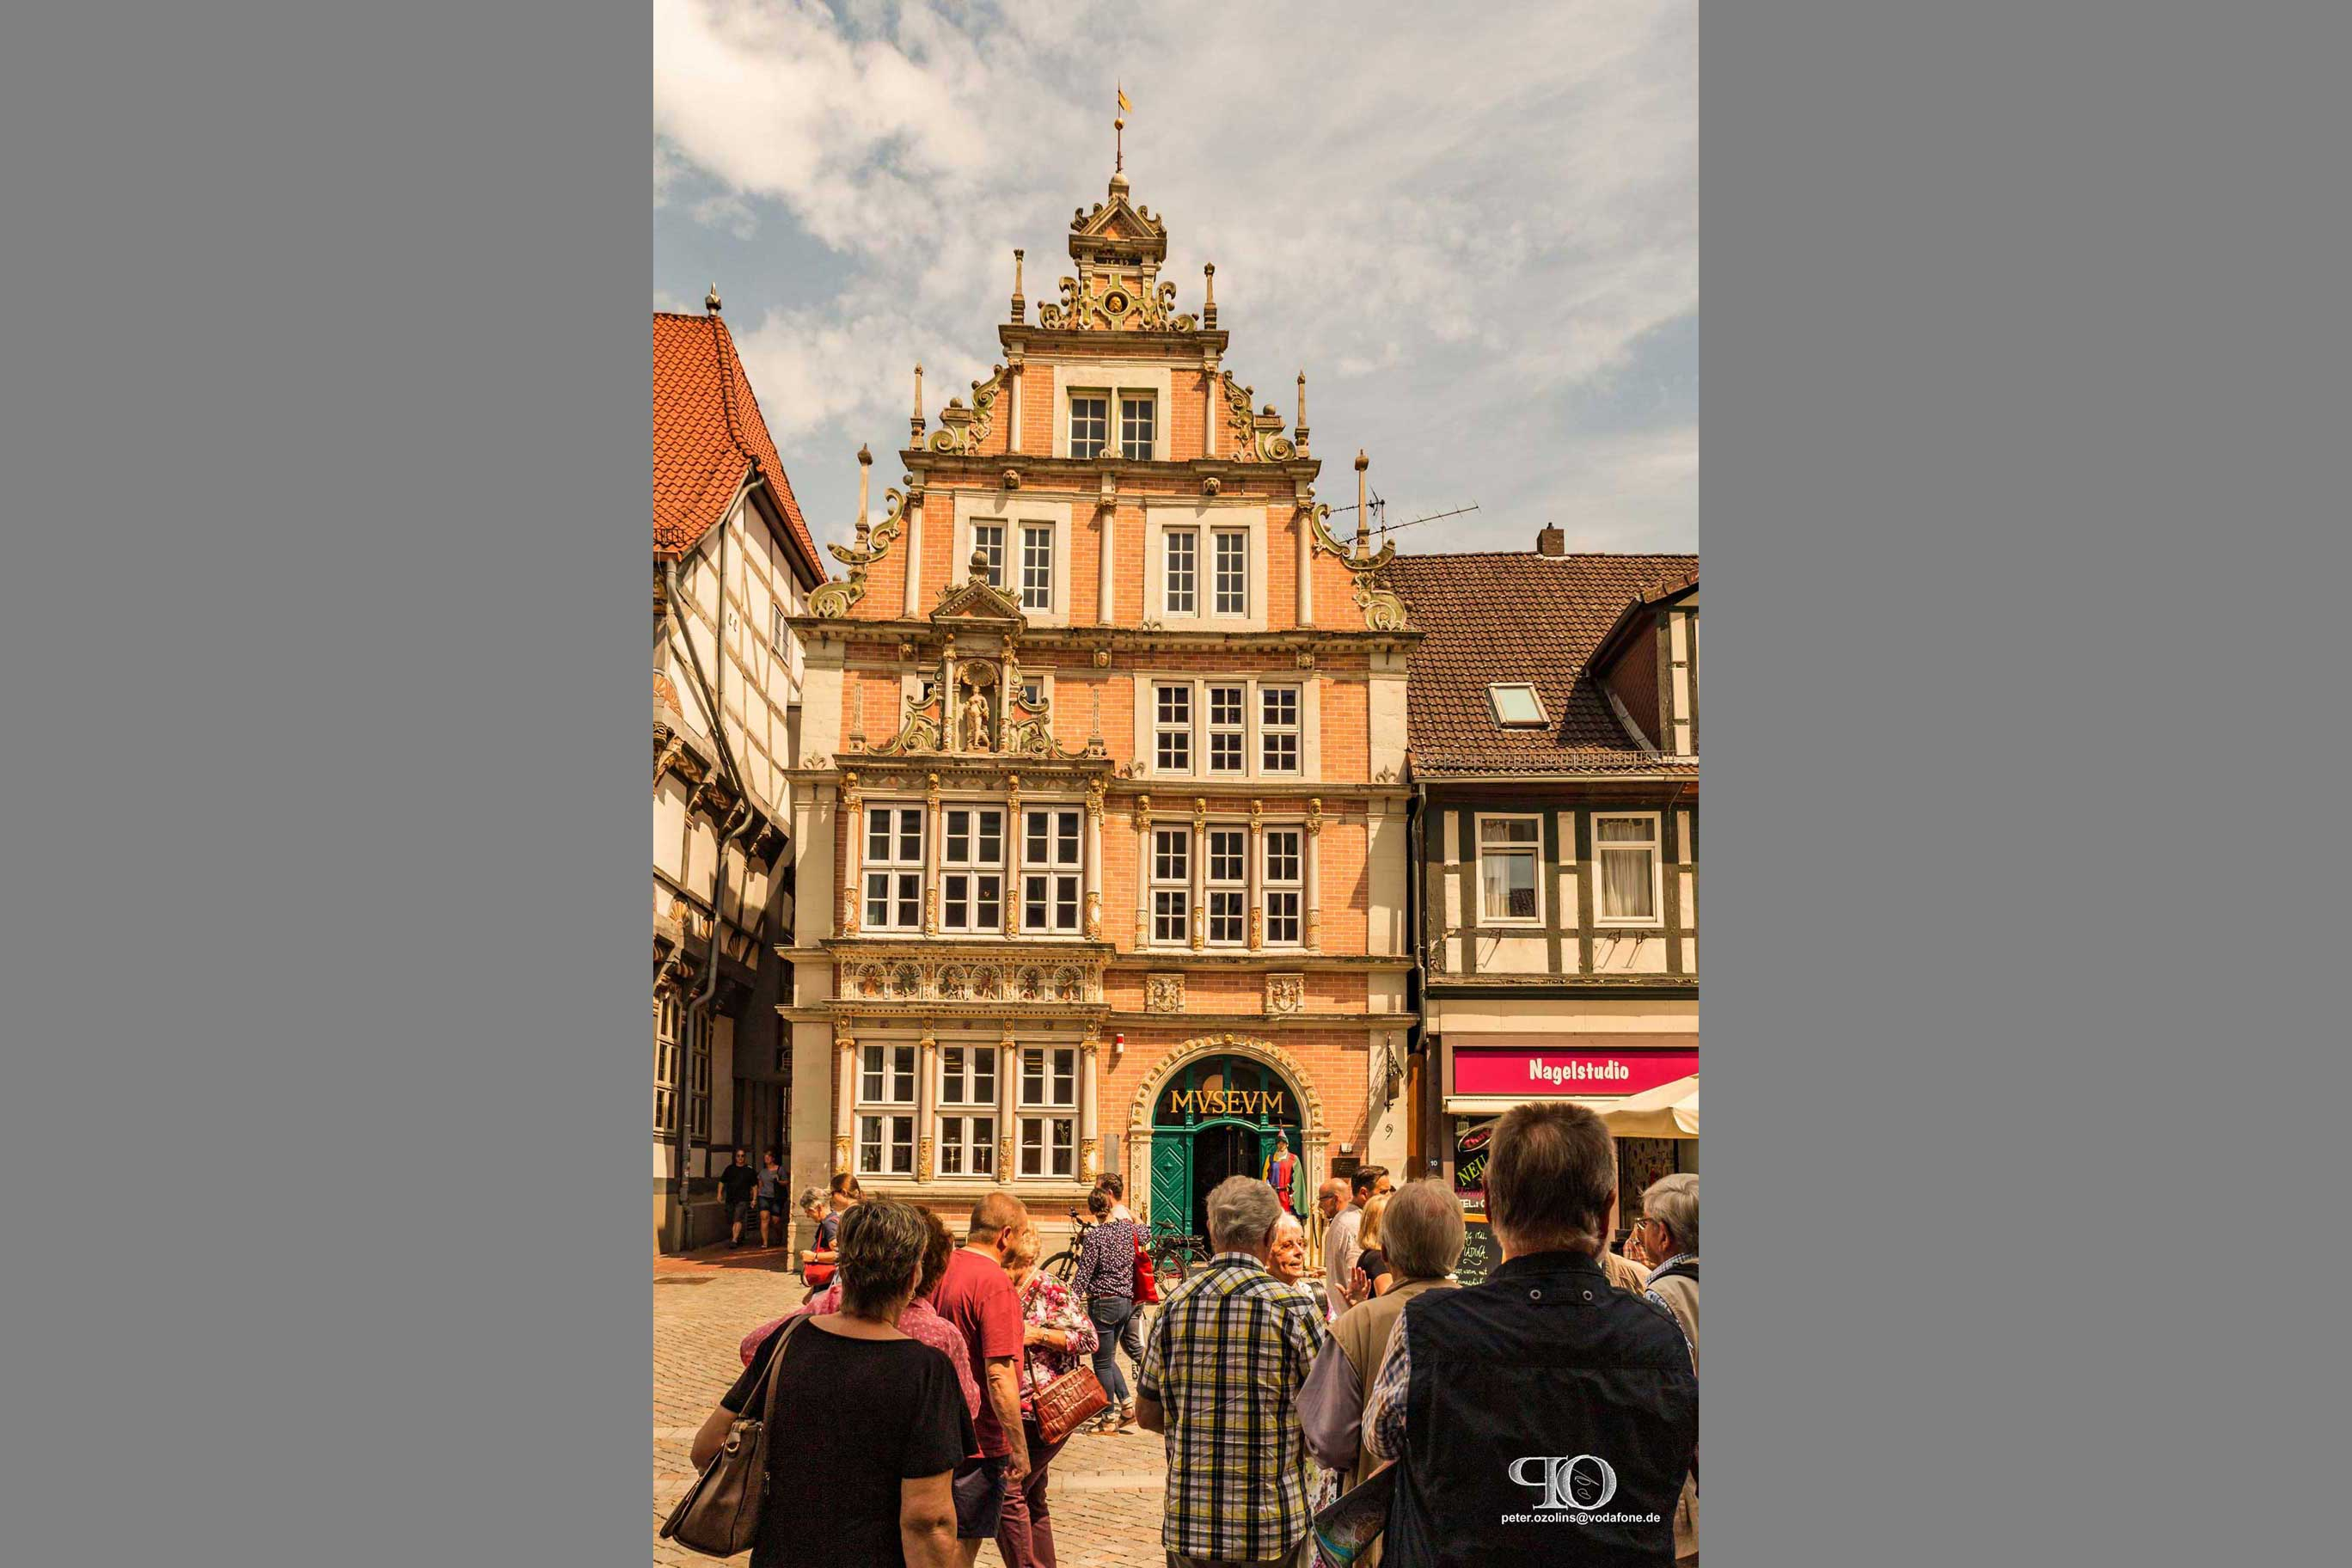 Stadtfuehrung Hameln /Rattenfaenger-Museum